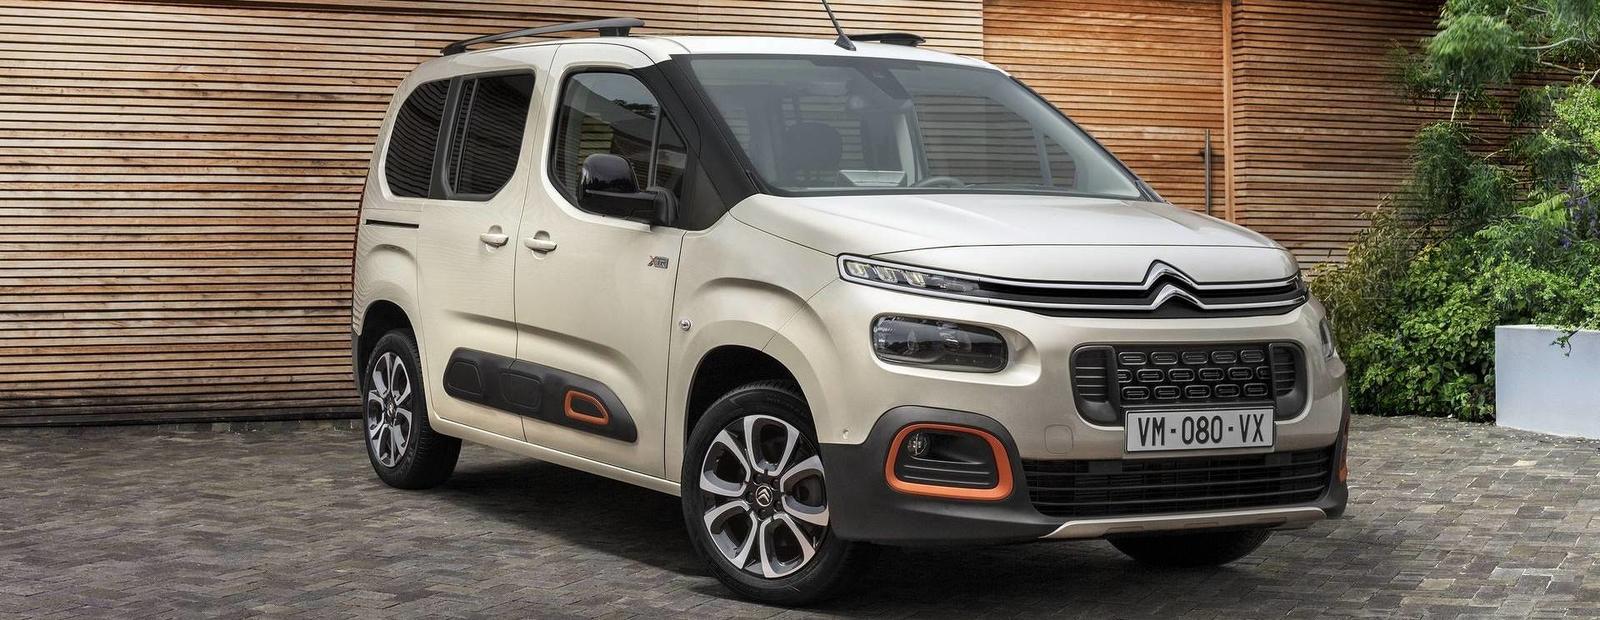 Представлен новейший коммерческий минивен Citroen Berlingo